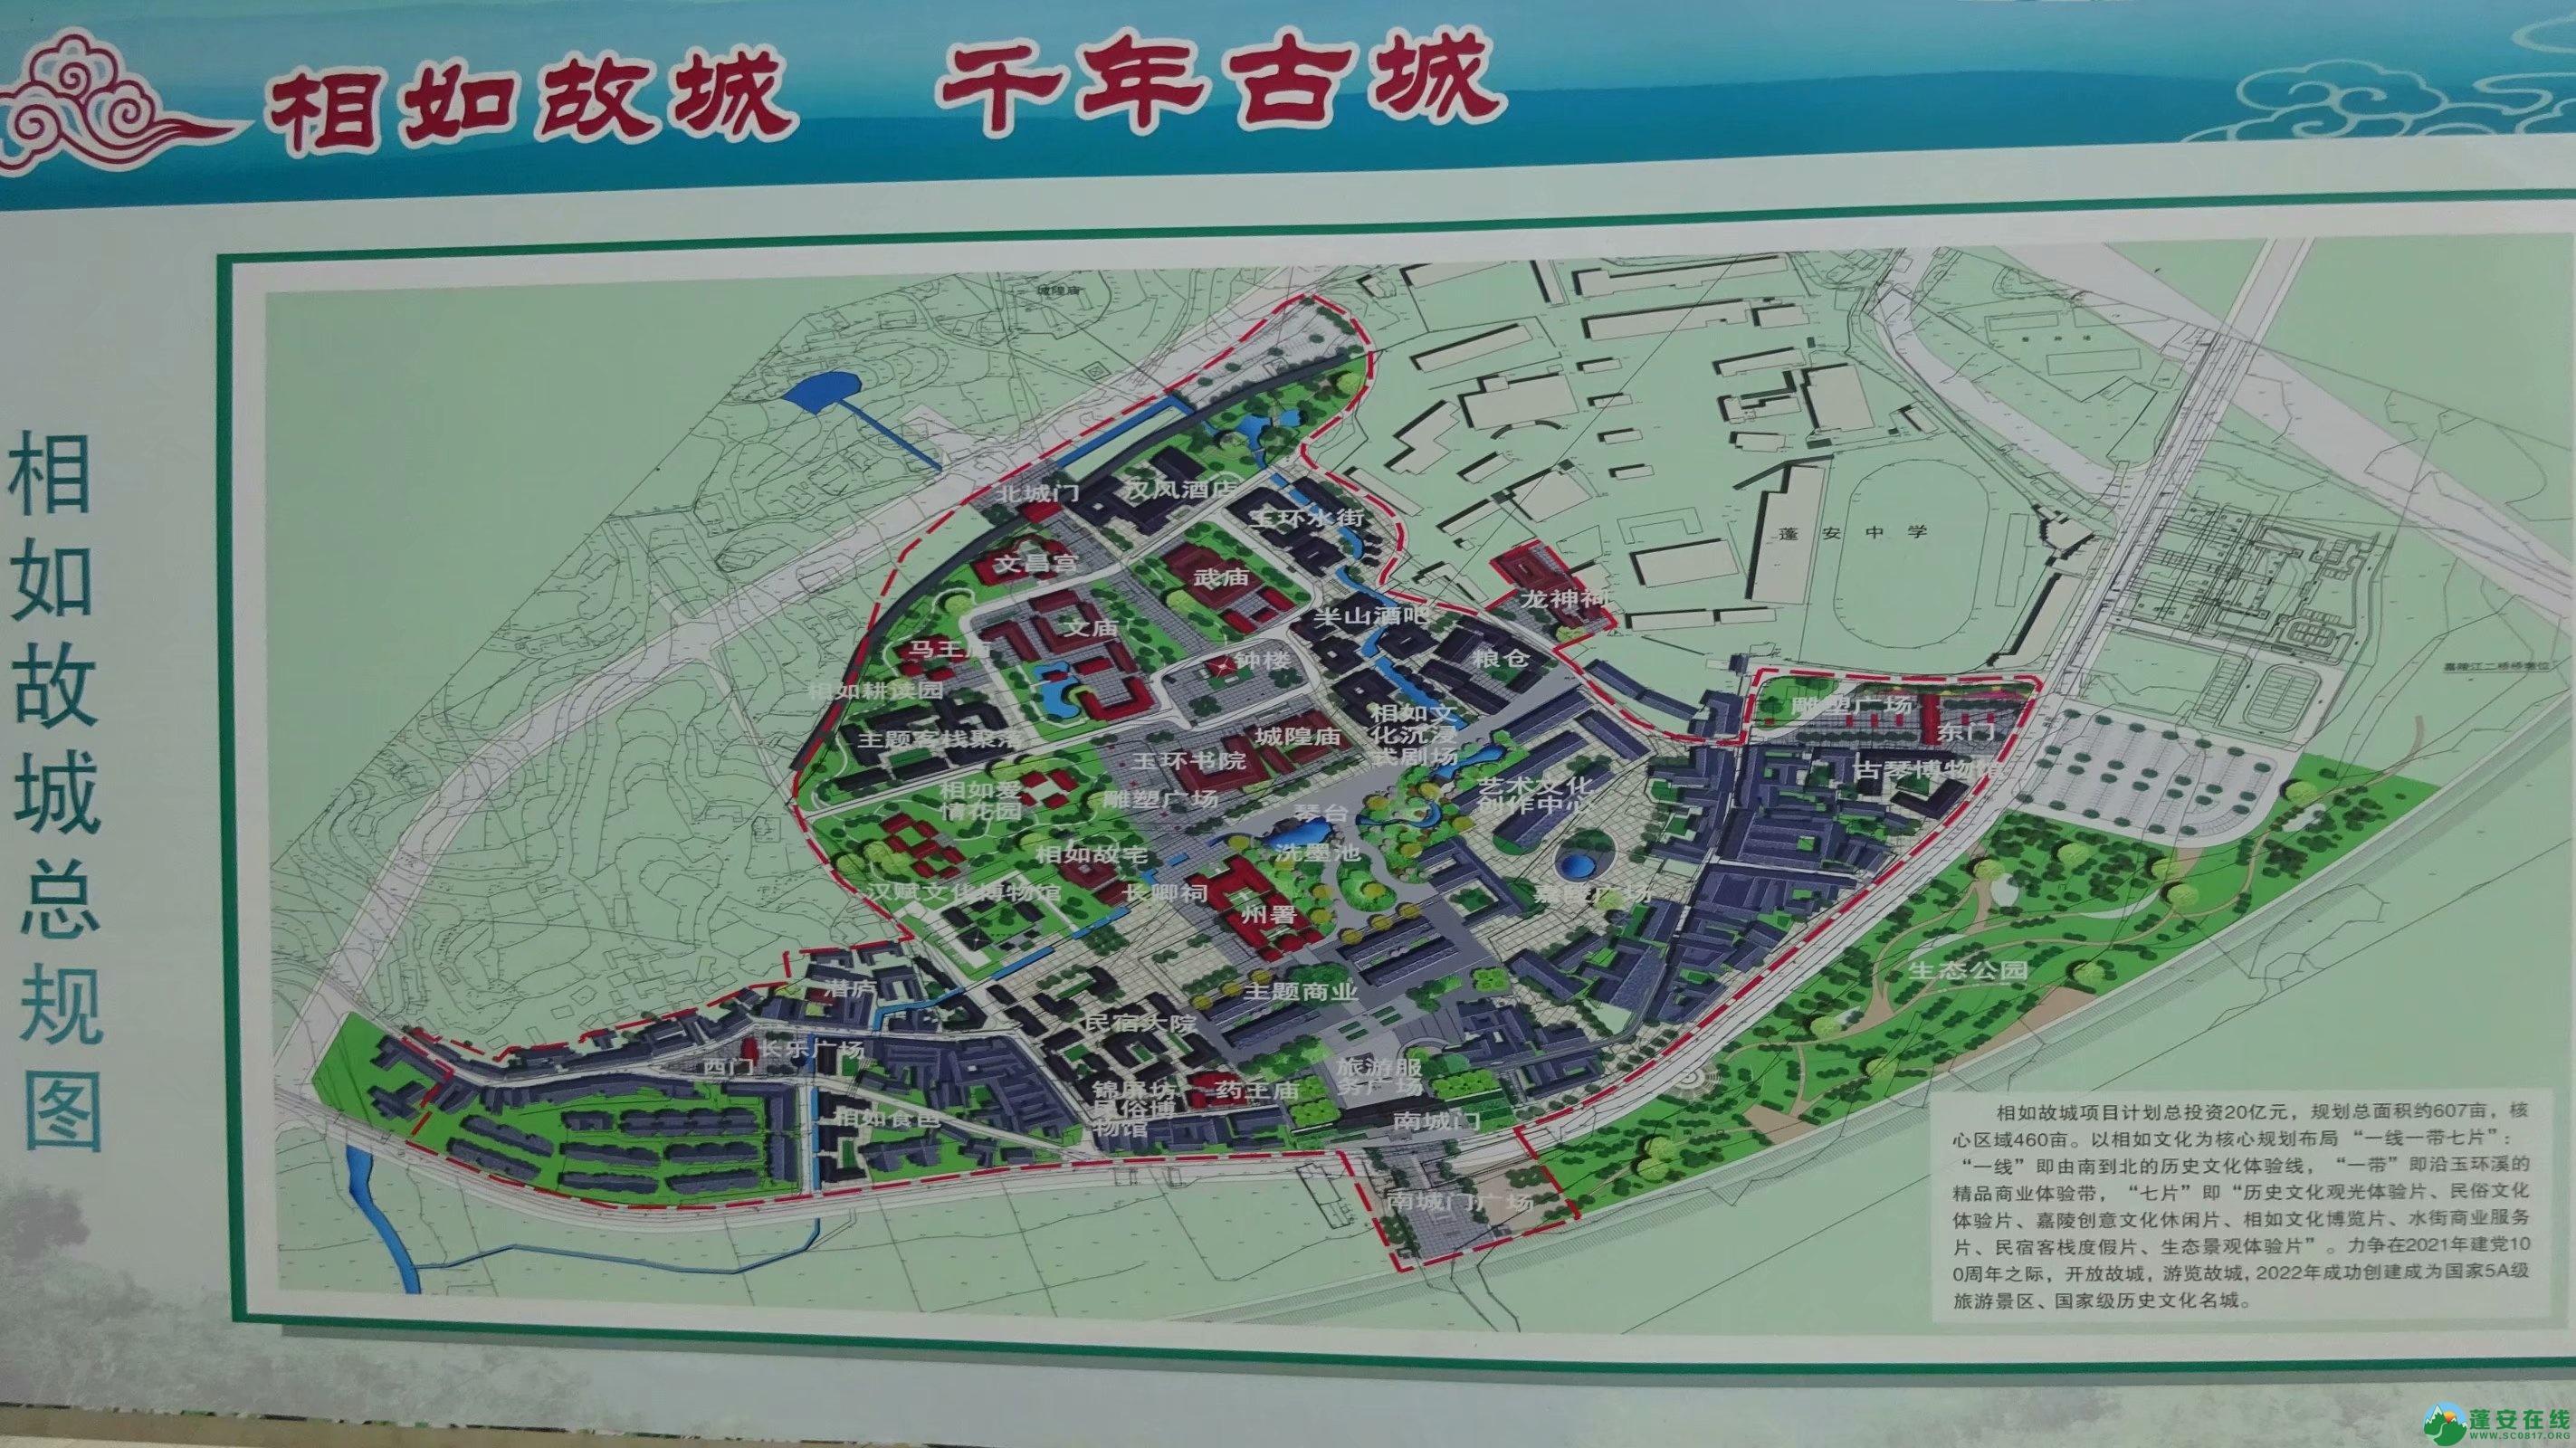 蓬安锦屏新区大建设 - 第1张  | 蓬安在线